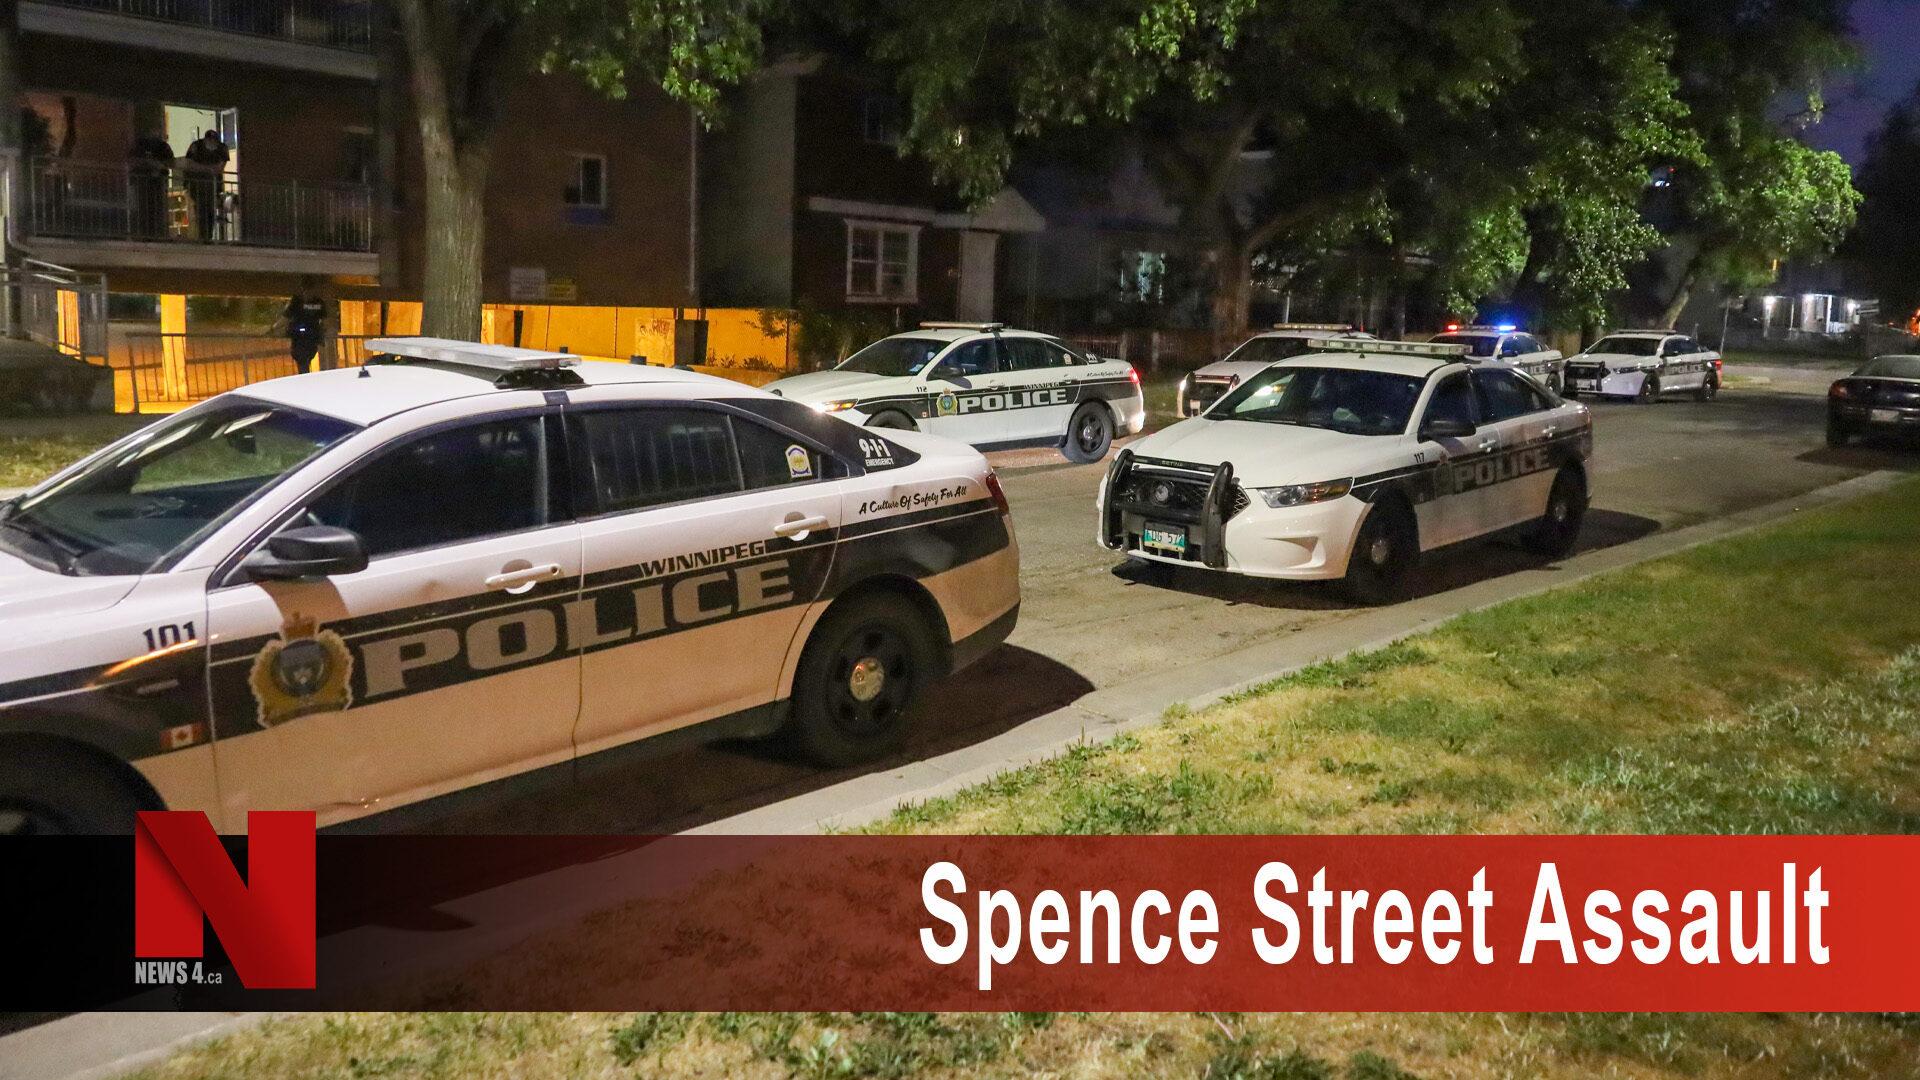 Spence Street Assault